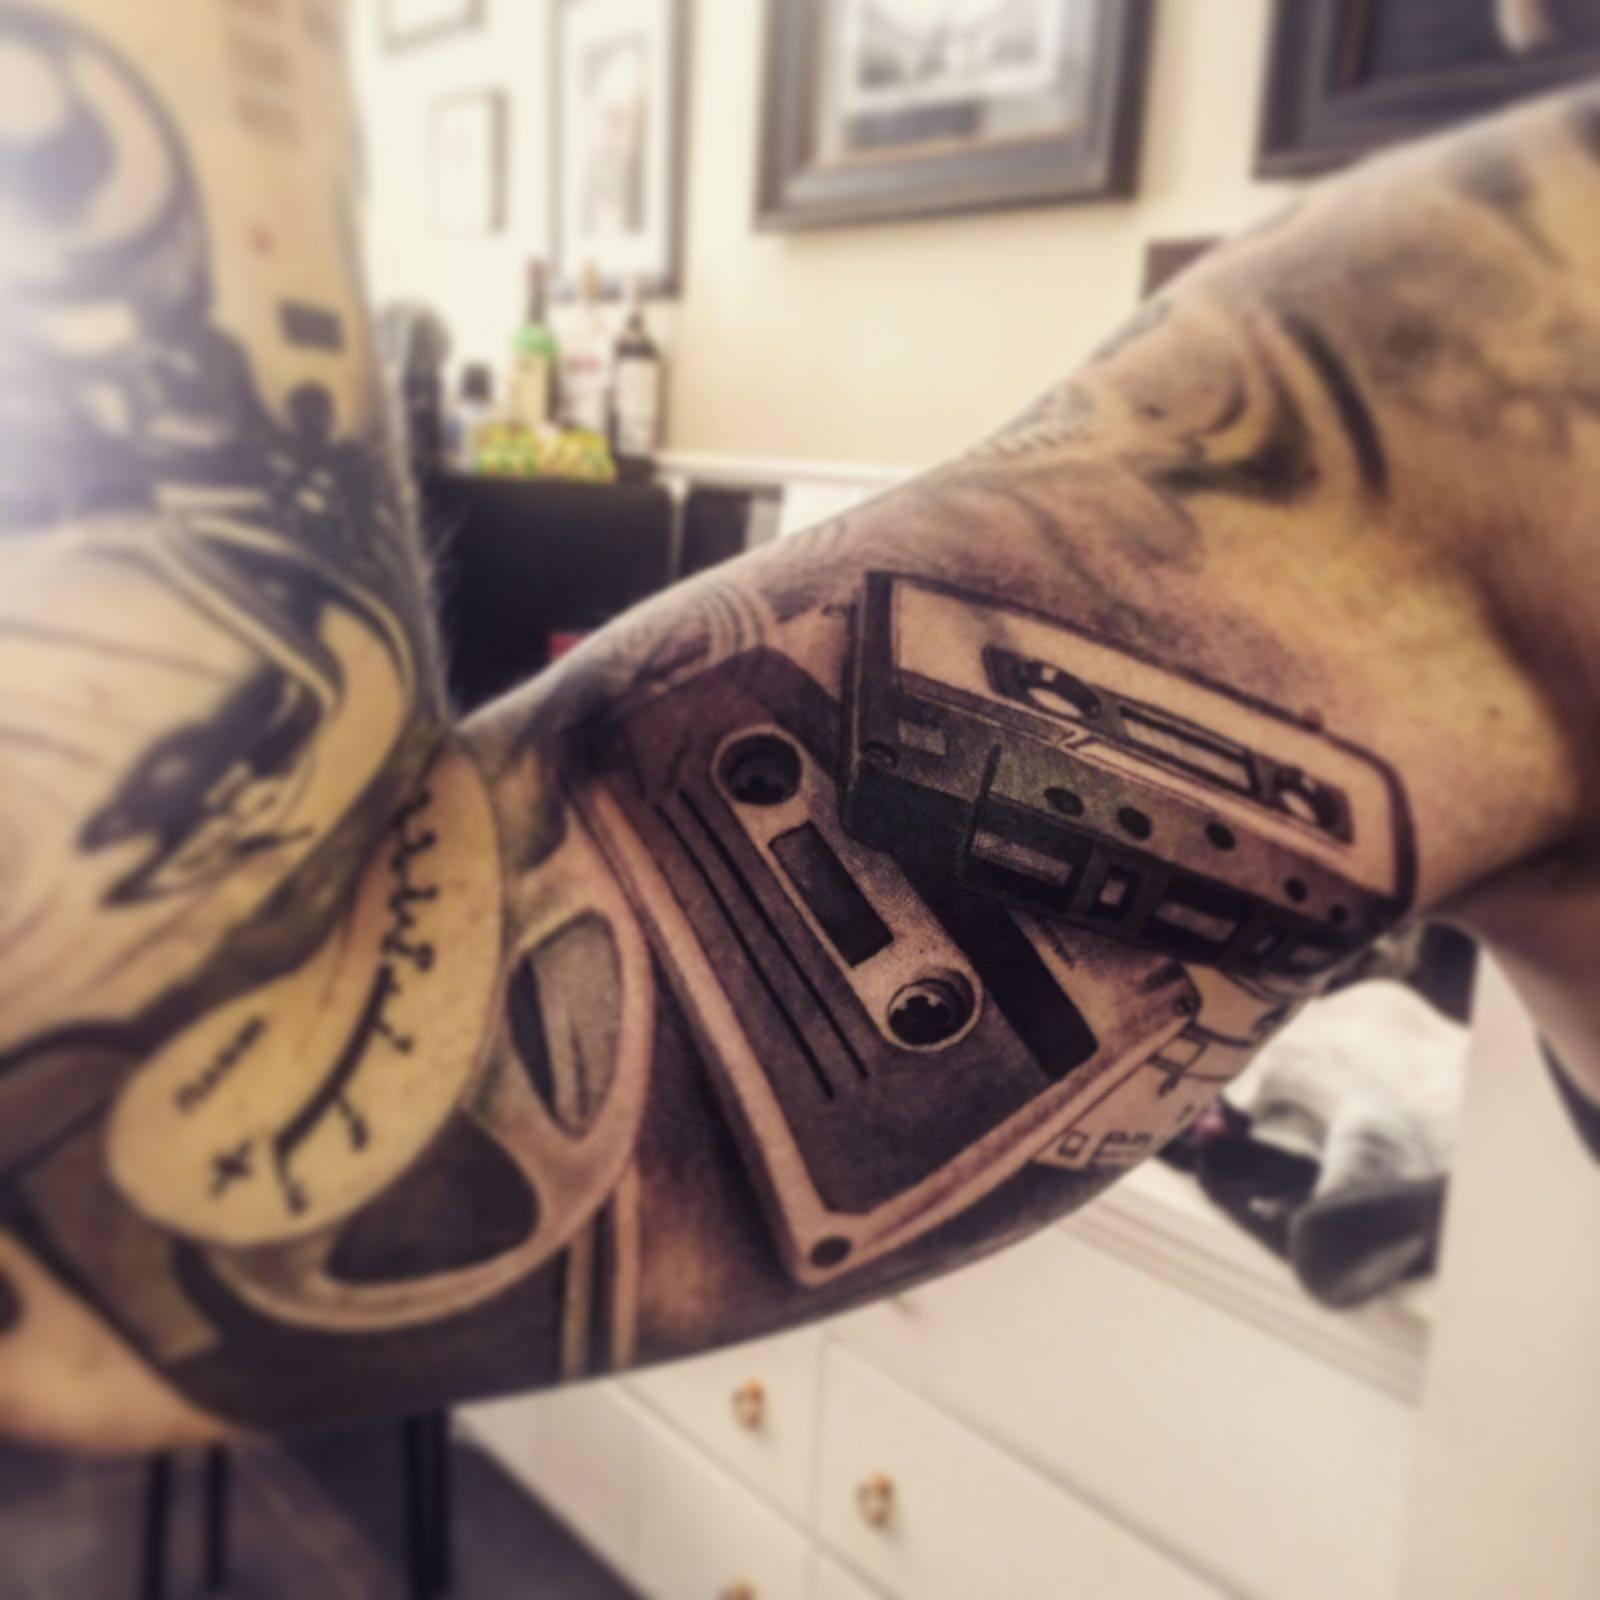 Maui Meherzi - Opus Magnum Tattoo Studio Wien - Tape Kassette Tattoo